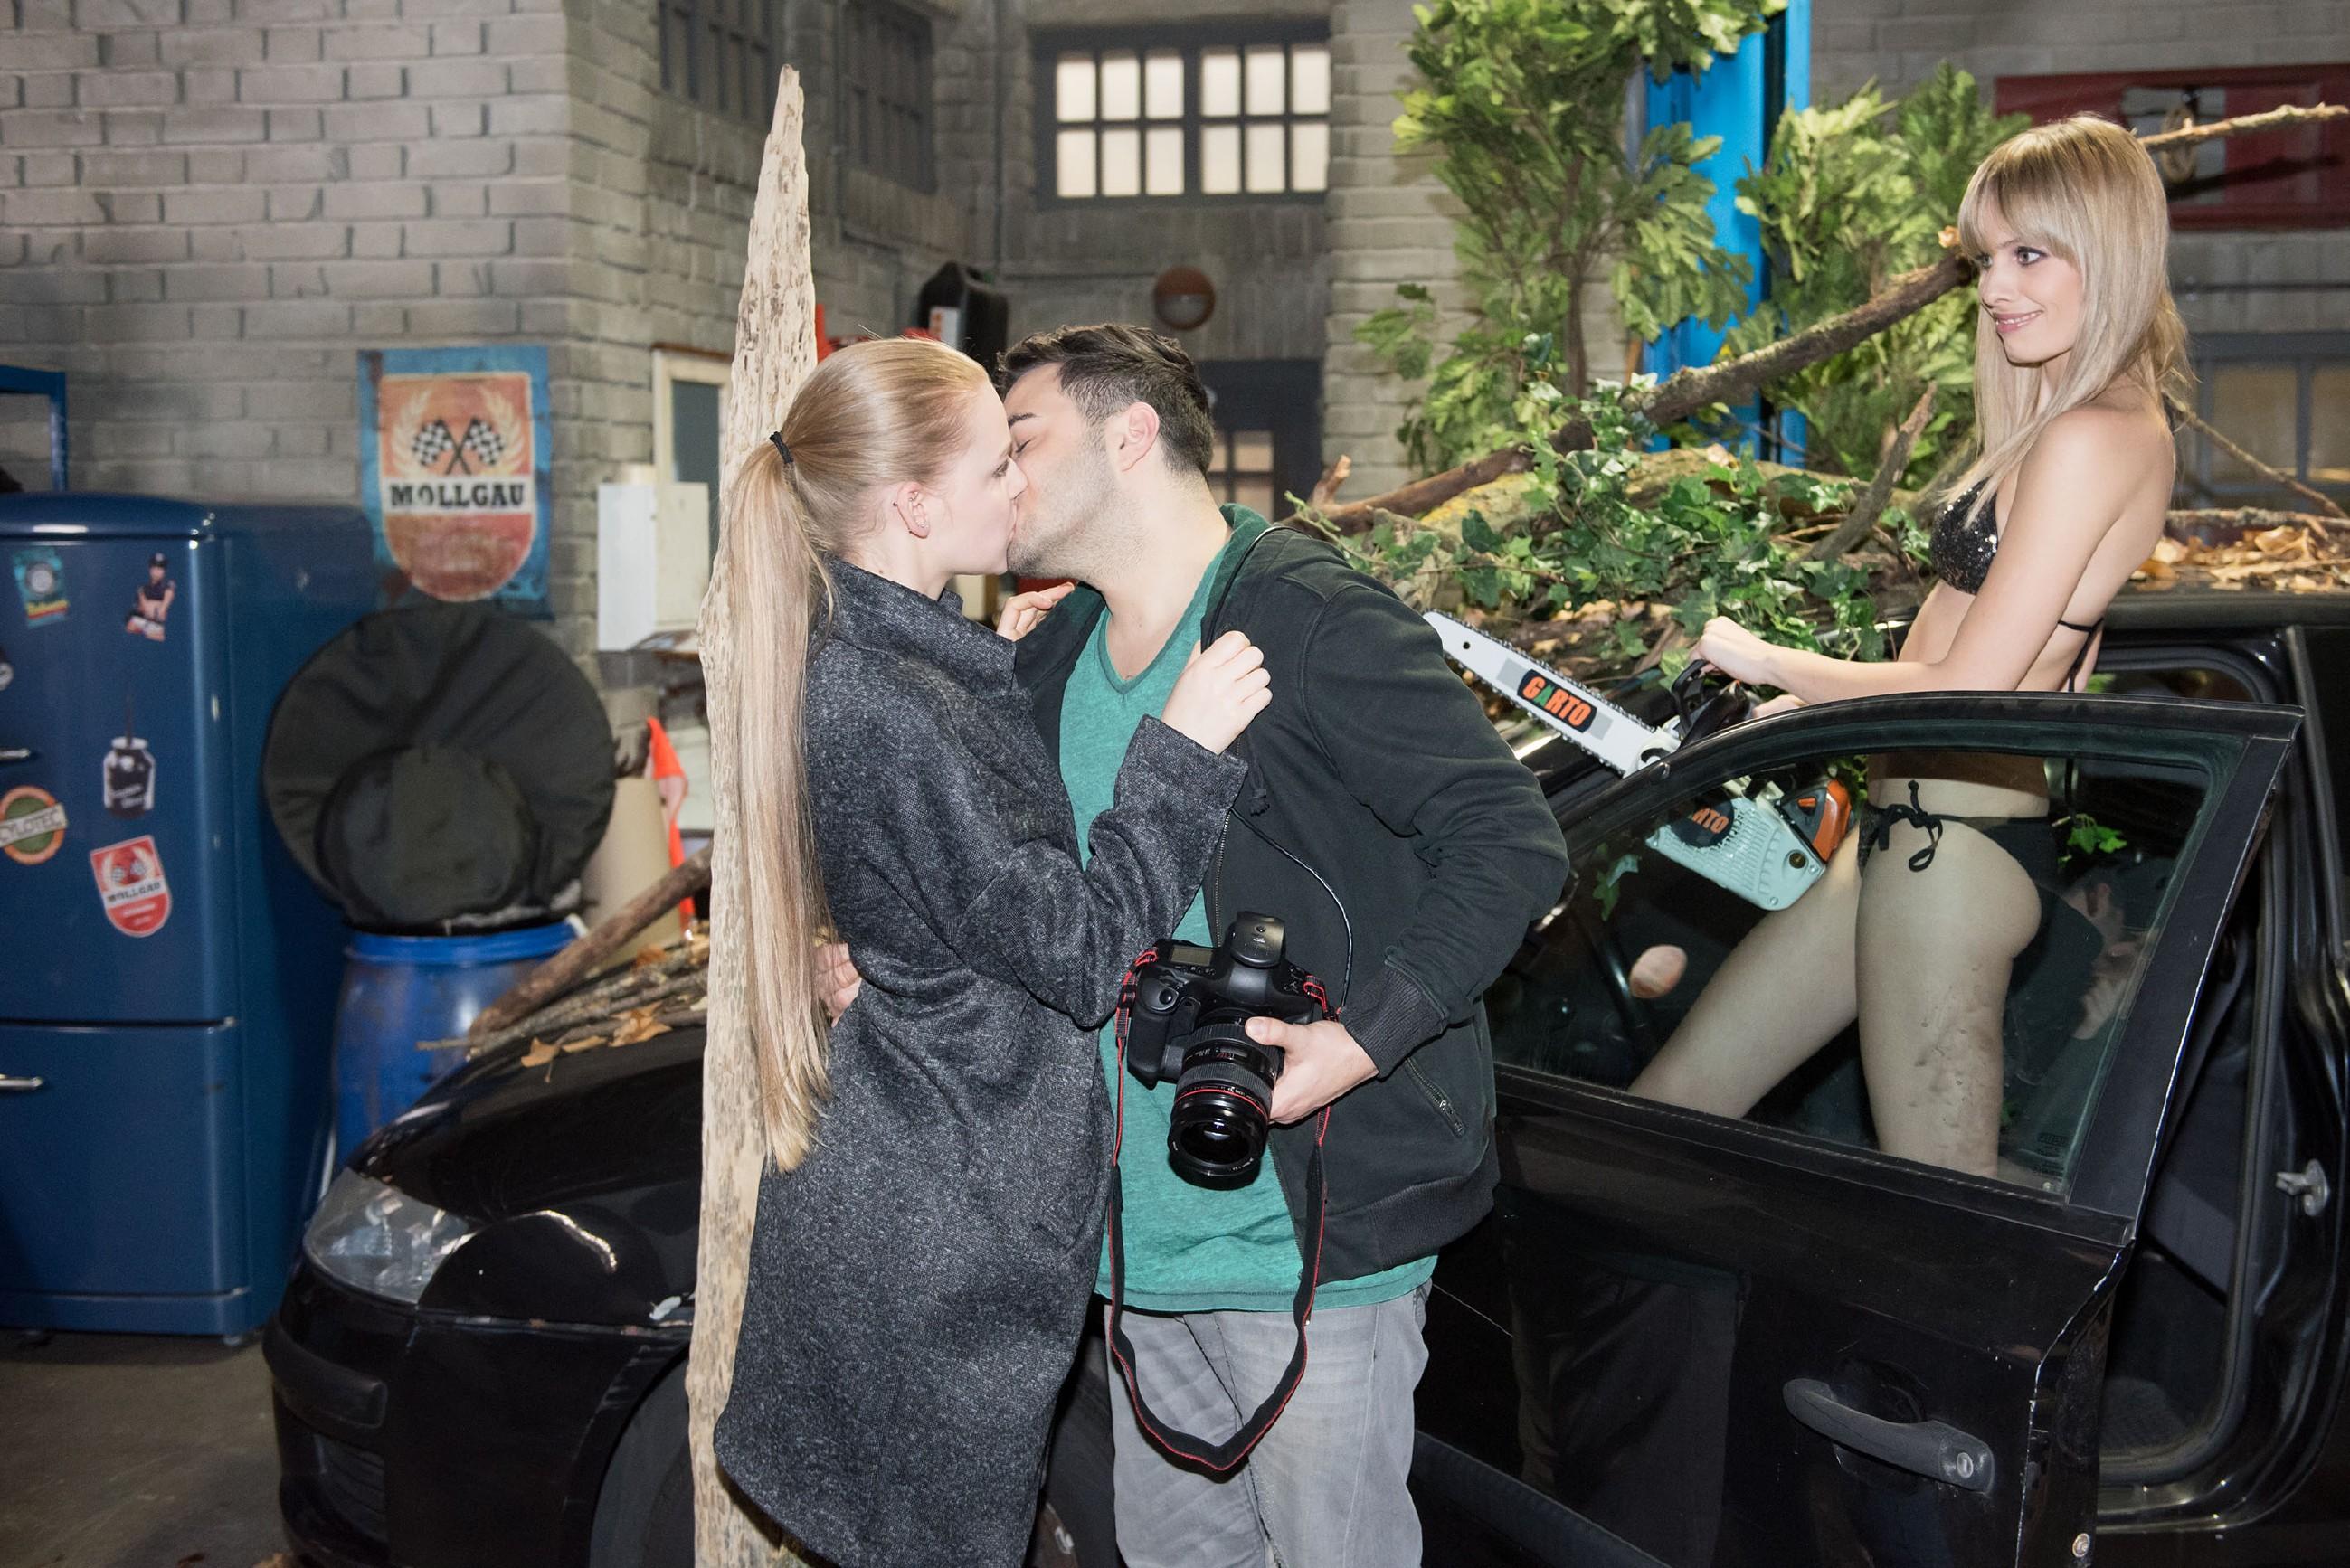 Eifersüchtig versucht Fiona (Olivia Burkhart, l.) vor dem Model Lena (Jana Beller) ihr Revier bei Easy (Lars Steinhöfel) zu markieren. (Quelle: RTL / Stefan Behrens)